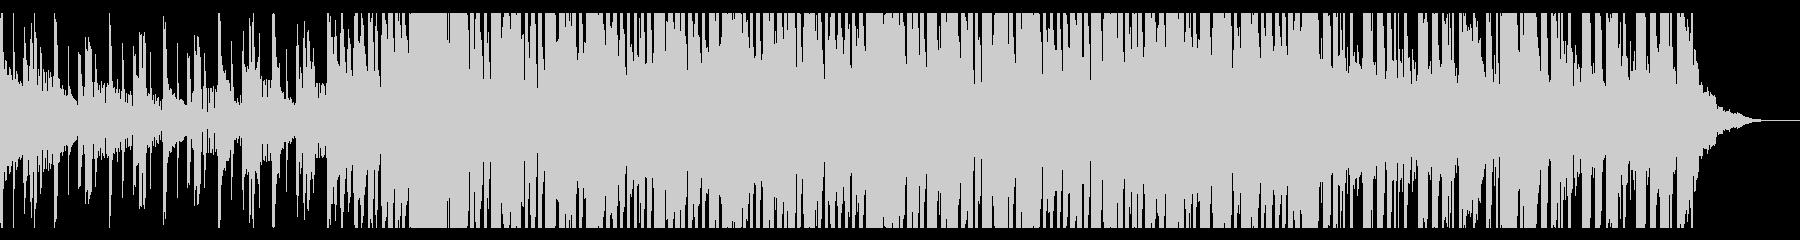 【短いVer3】疾走感のあるポップスの未再生の波形